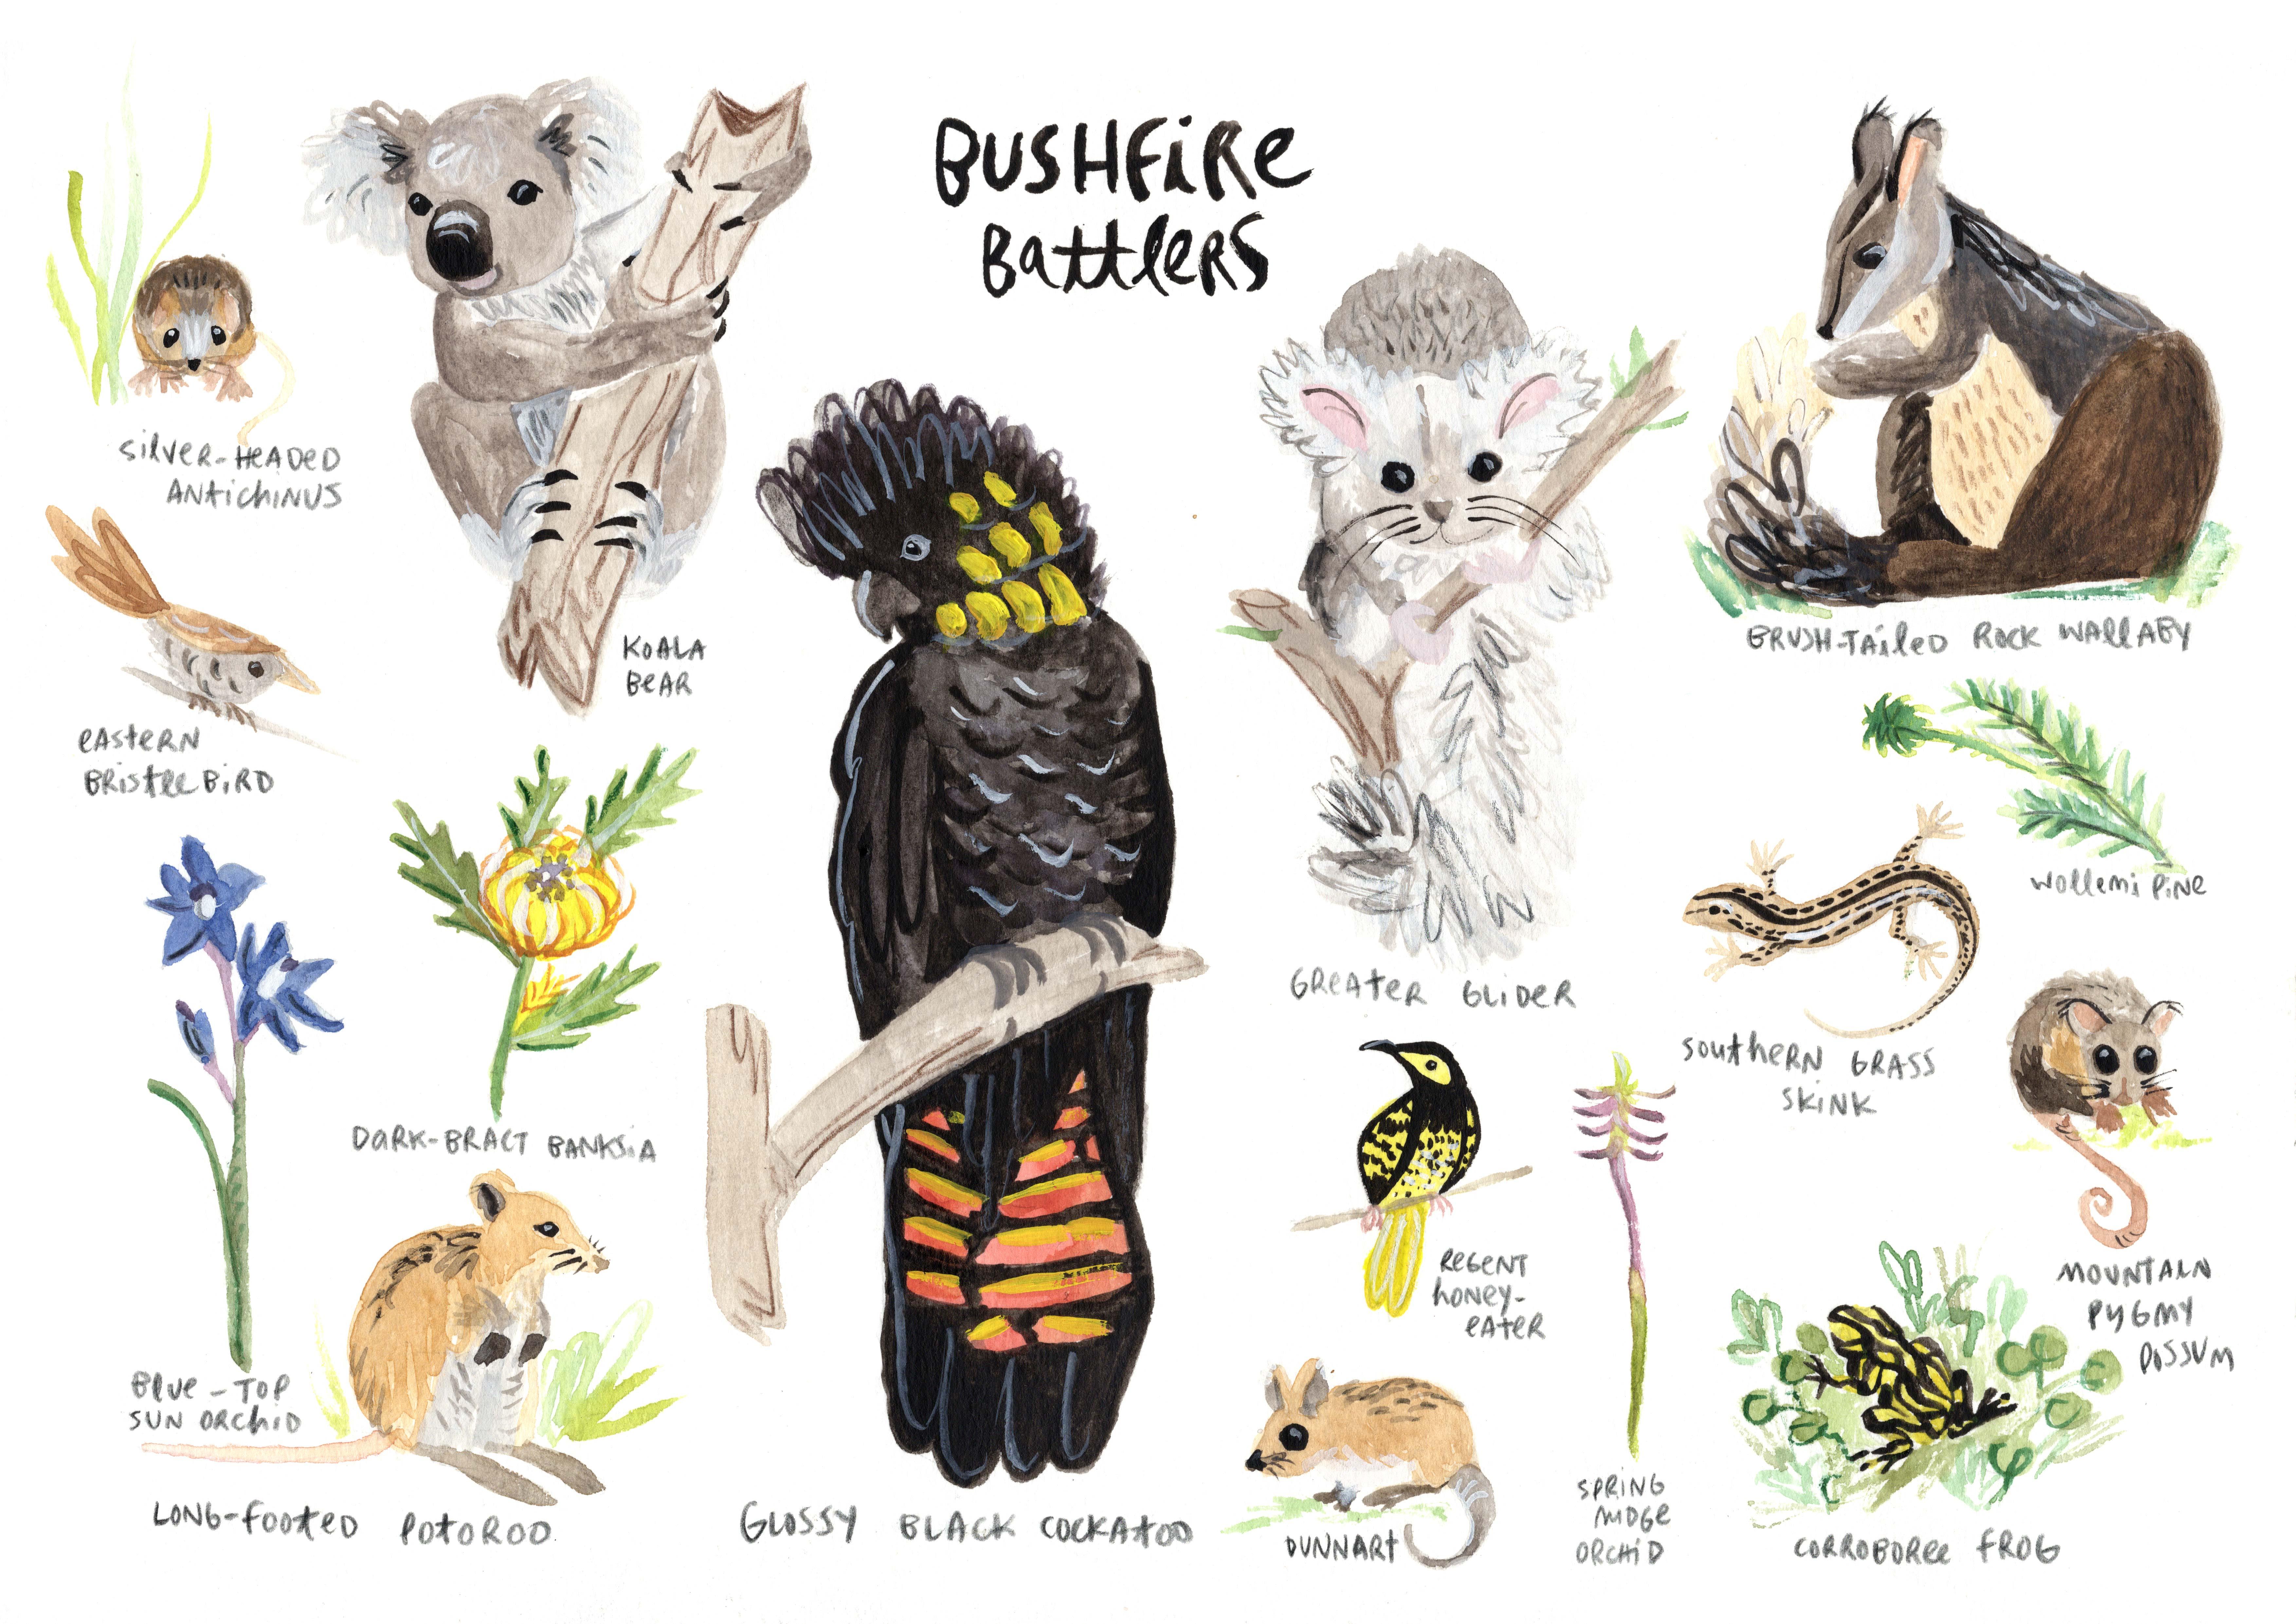 Bushfire Battlers